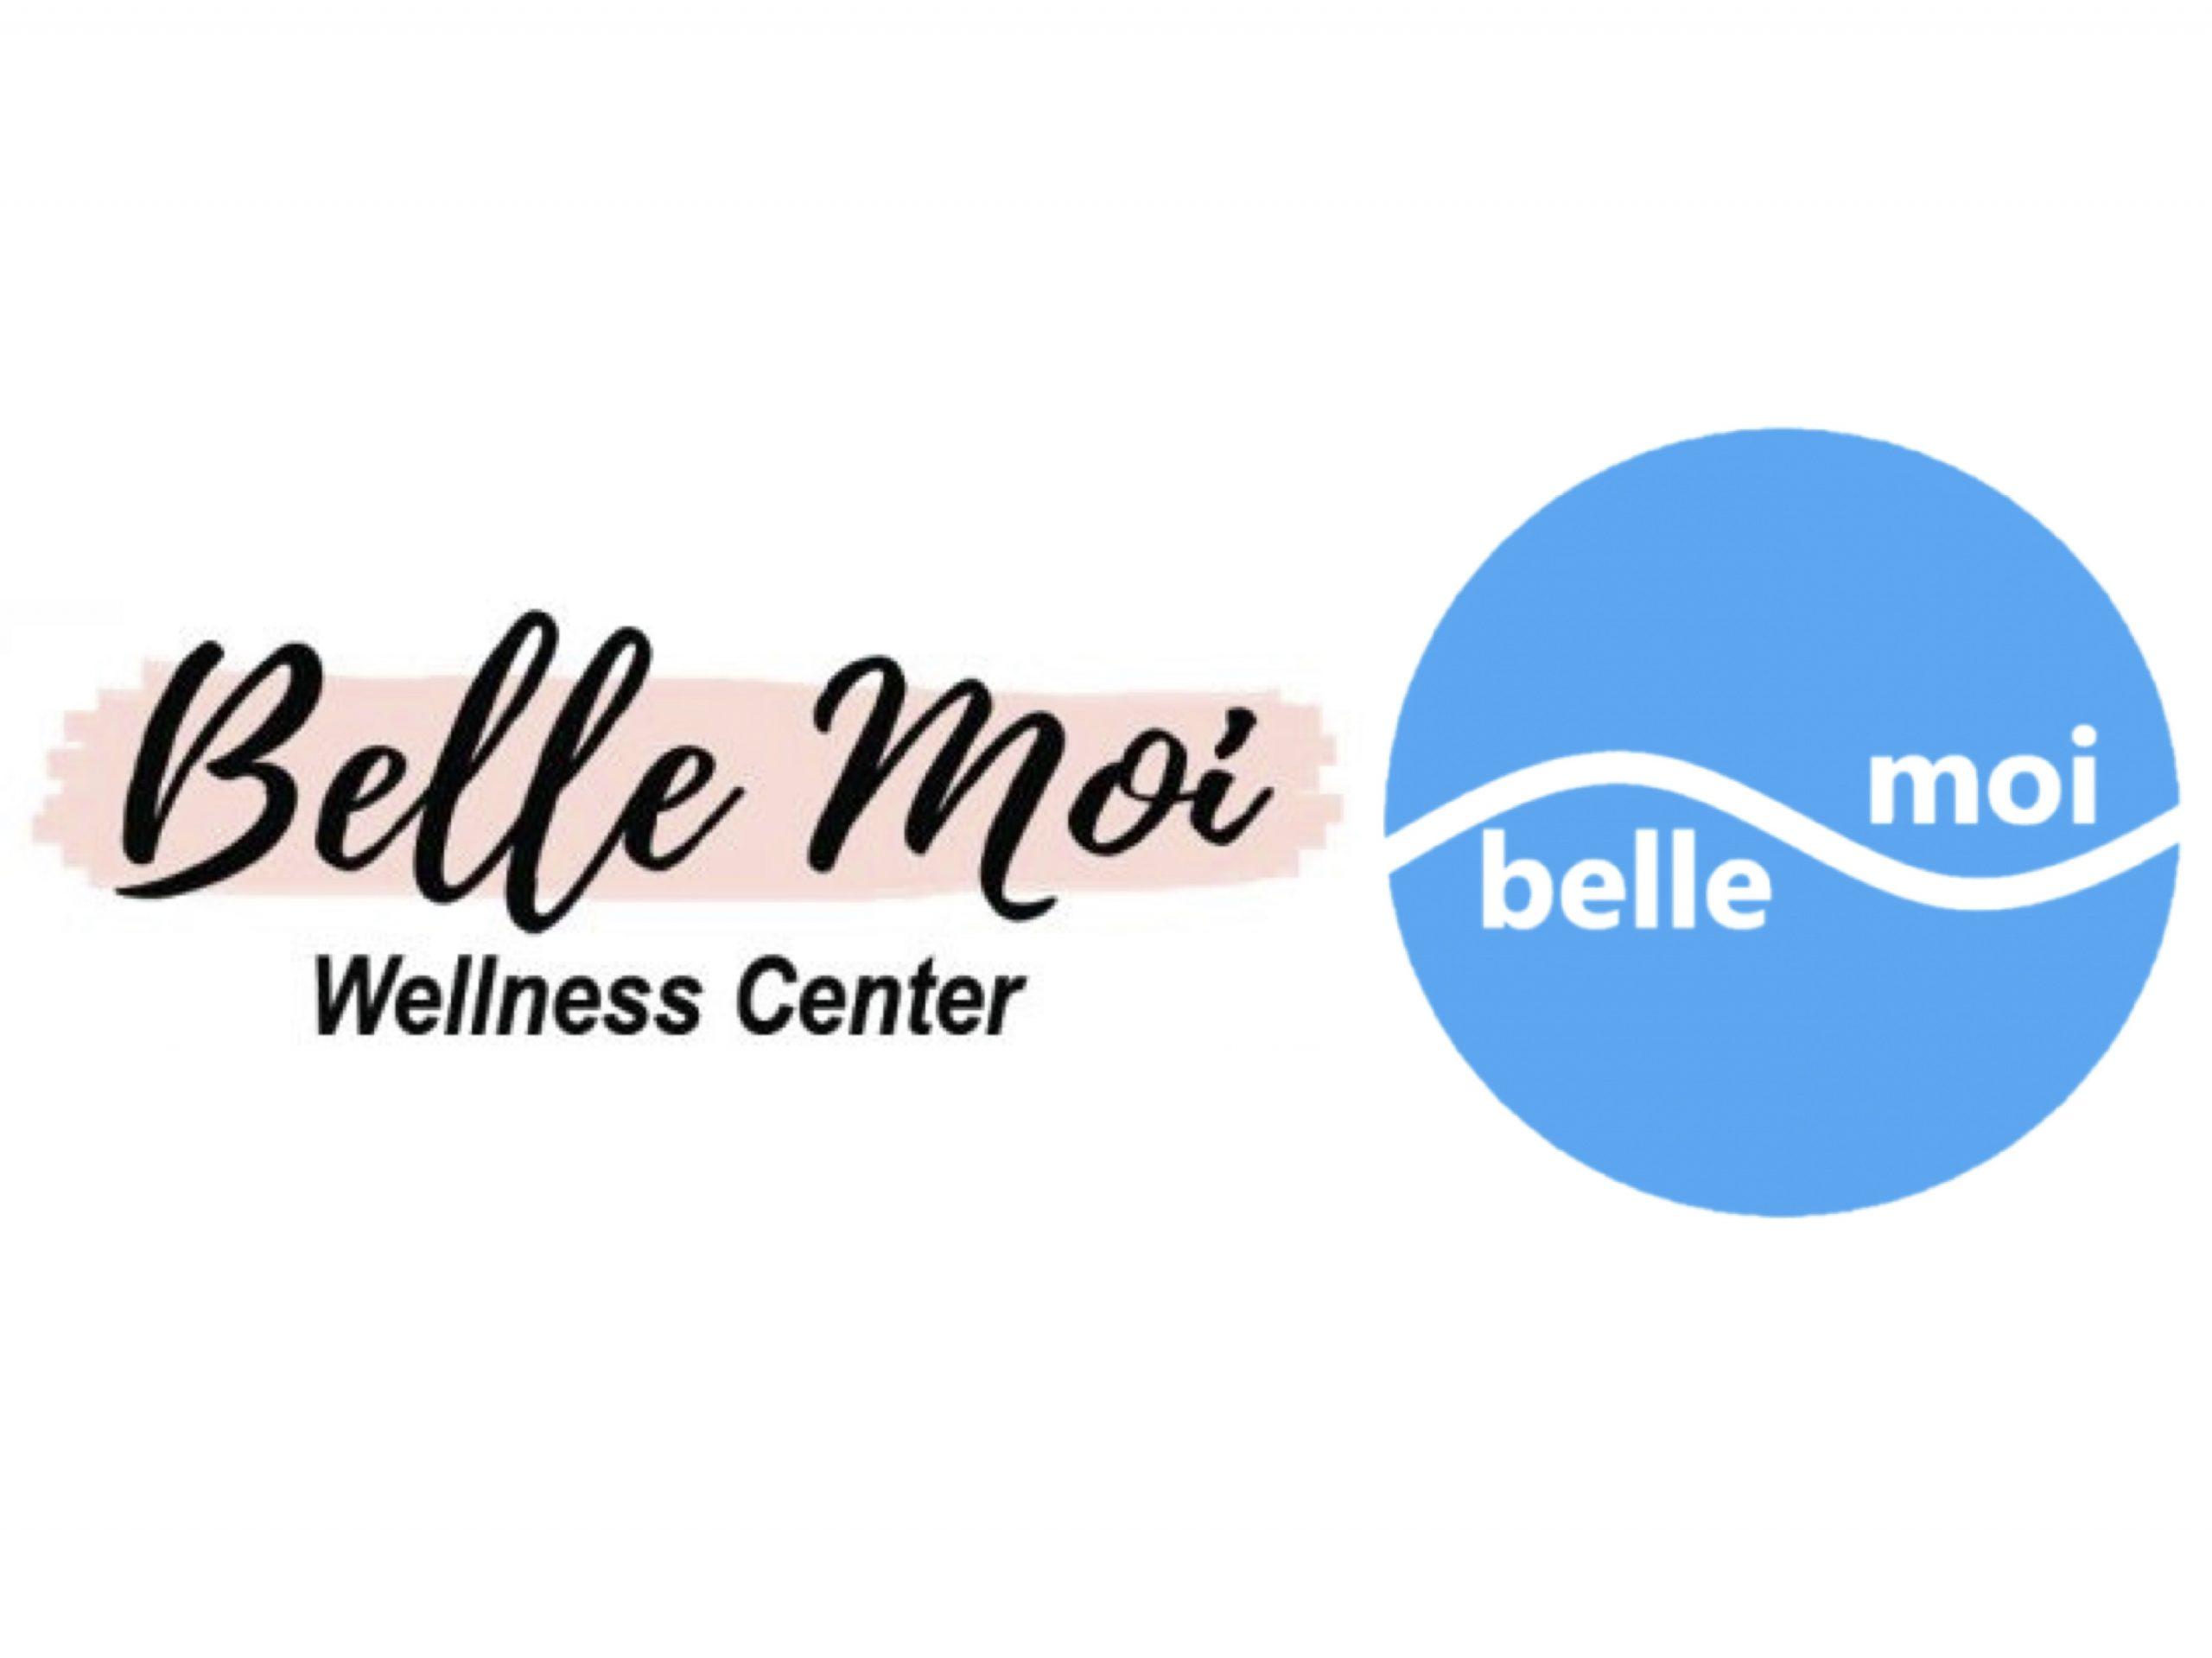 Belle Moi Wellness Center